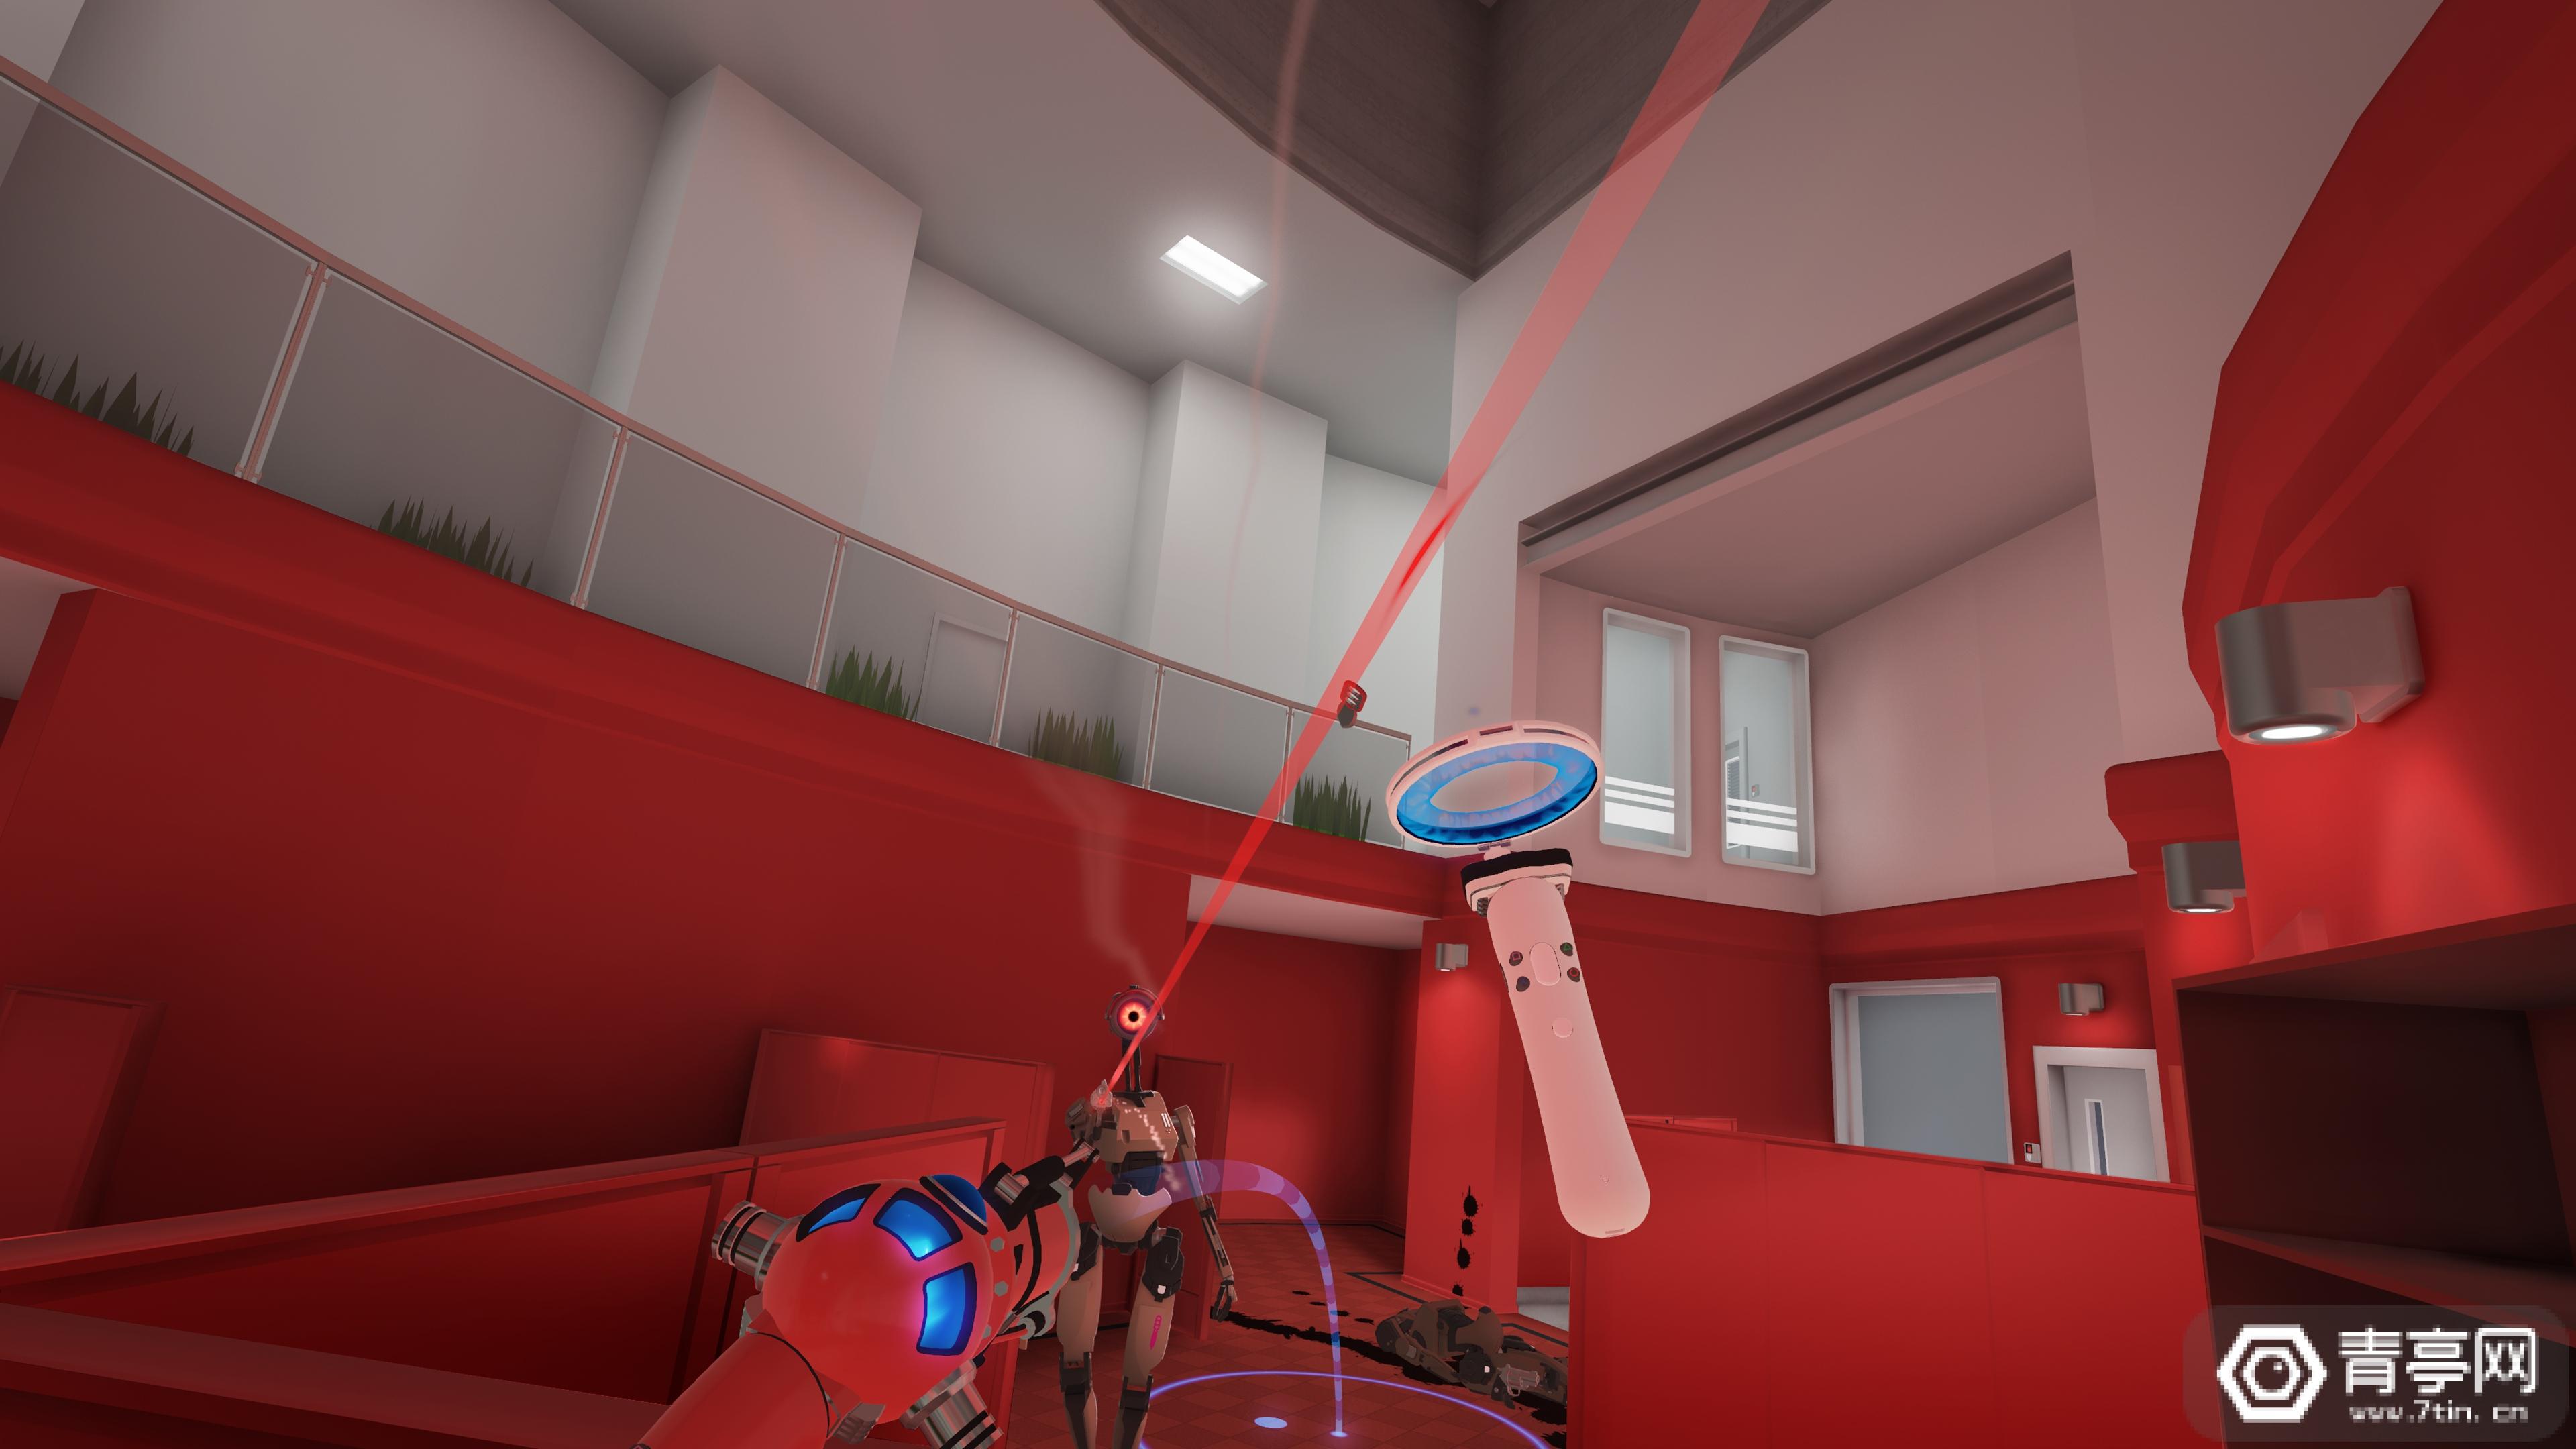 推迟多次,《Budget Cuts》正式登陆PS VR平台